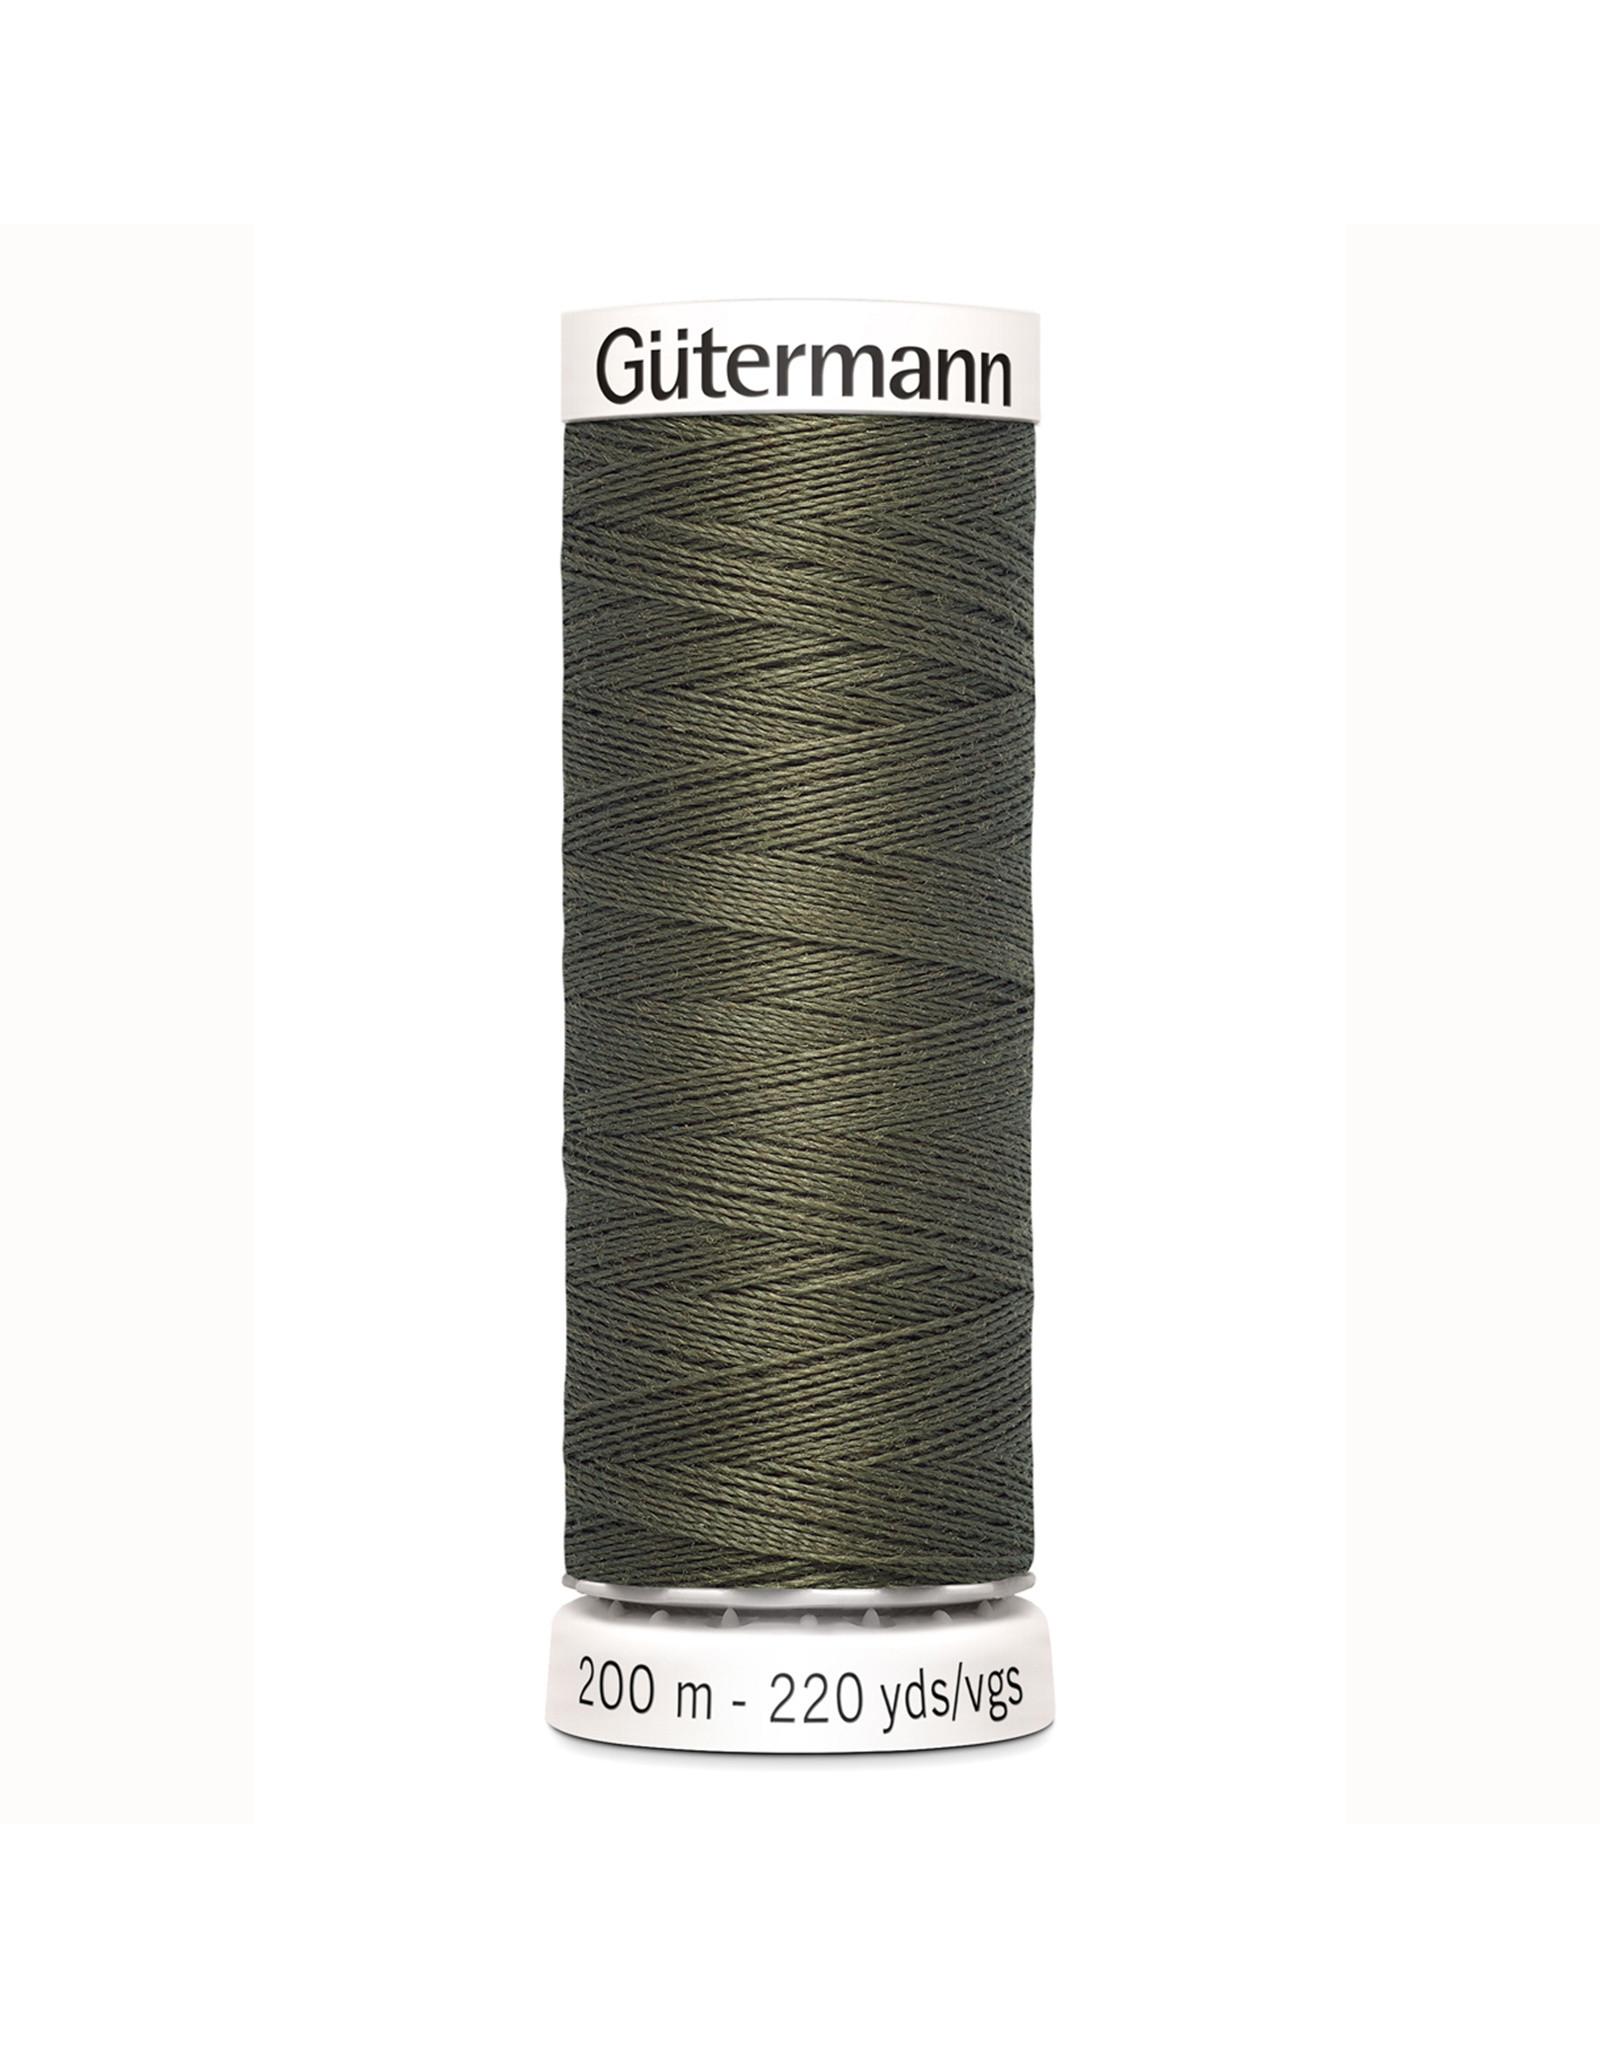 Gütermann Gütermann Nähgarn 200 m - nr 676